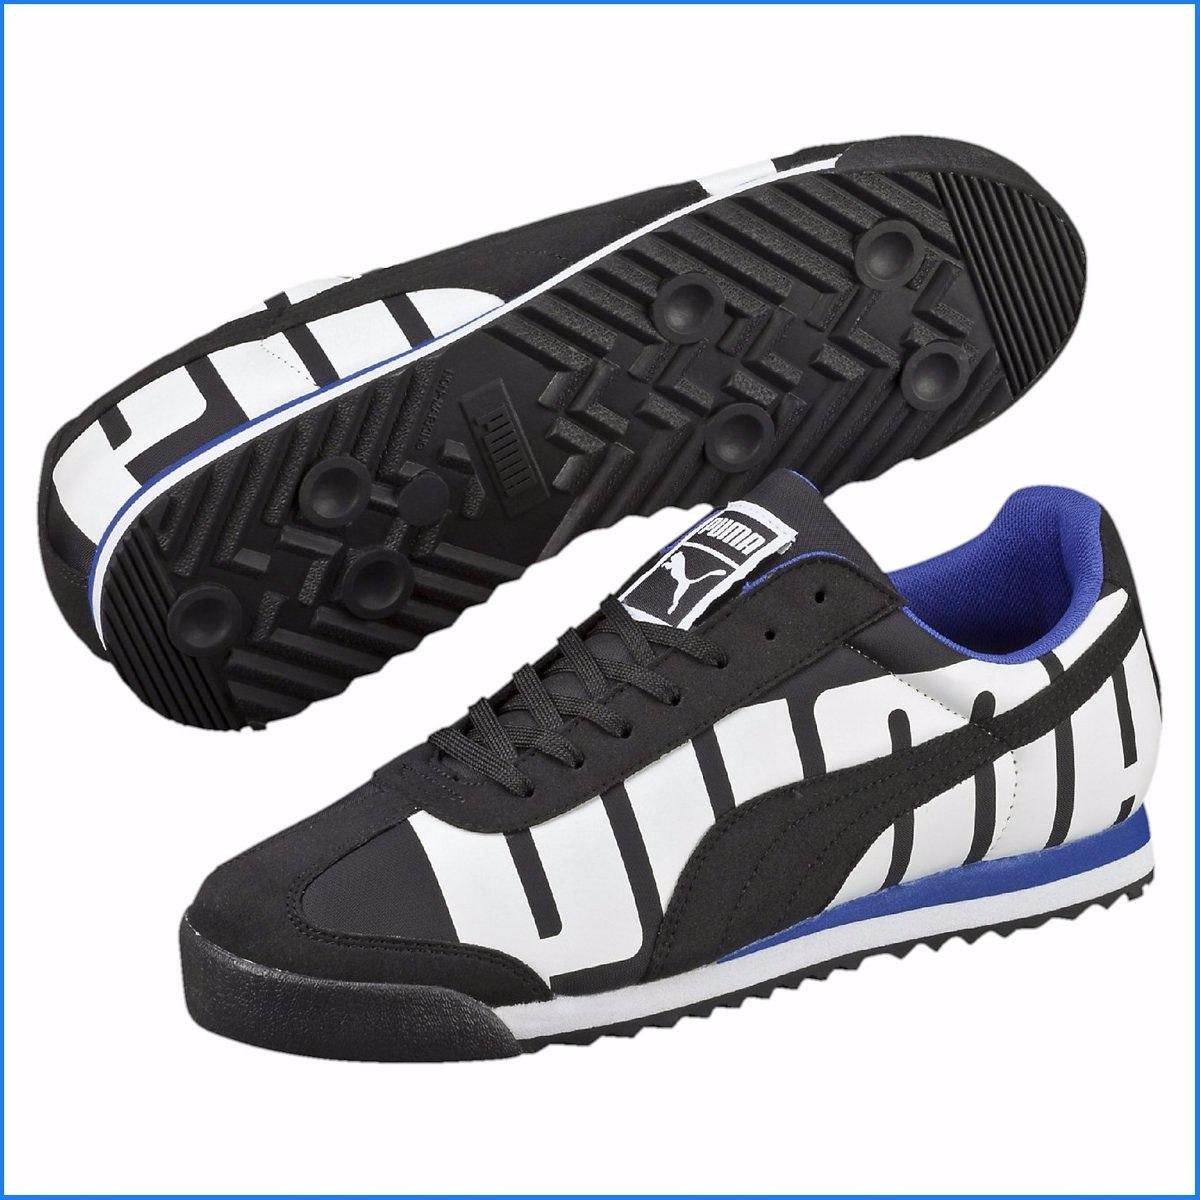 61891d077694f zapatillas puma roma originales en caja ndph. Cargando zoom.